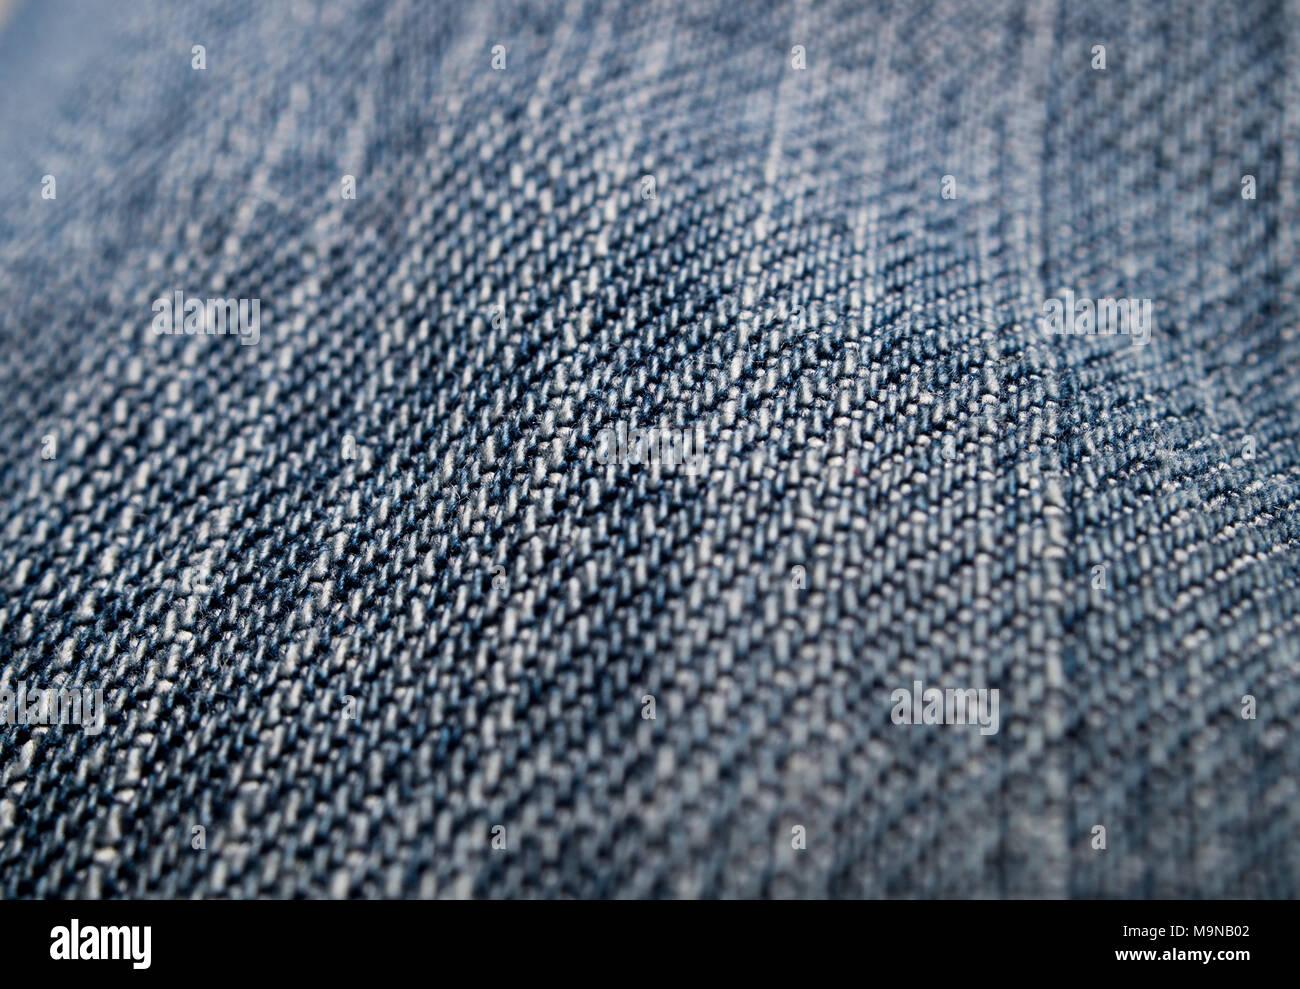 Macro shot of pants - Stock Image